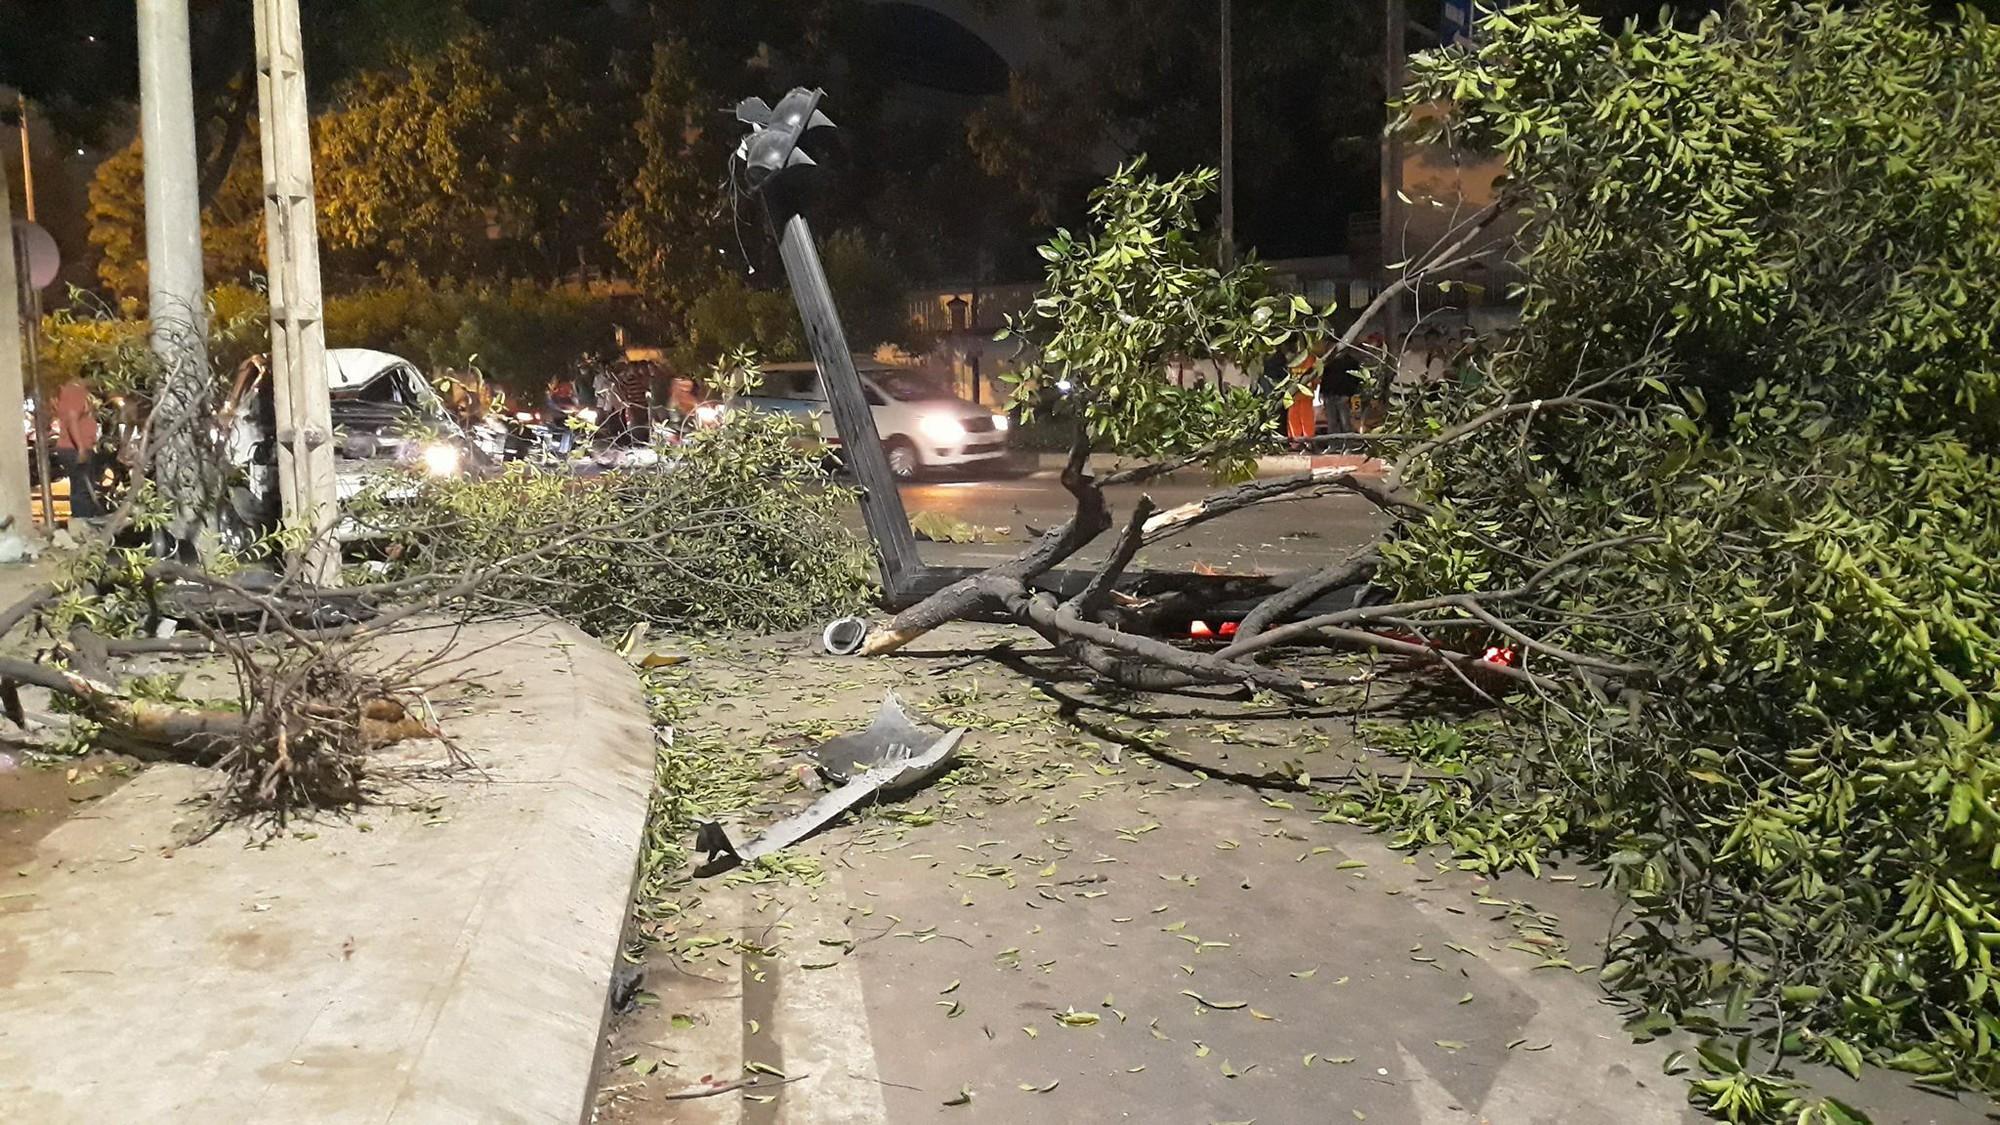 Ô tô húc văng nhiều xe máy ở Sài Gòn, tông gãy cây xanh, nhiều người nằm la liệt trên đường - Ảnh 3.